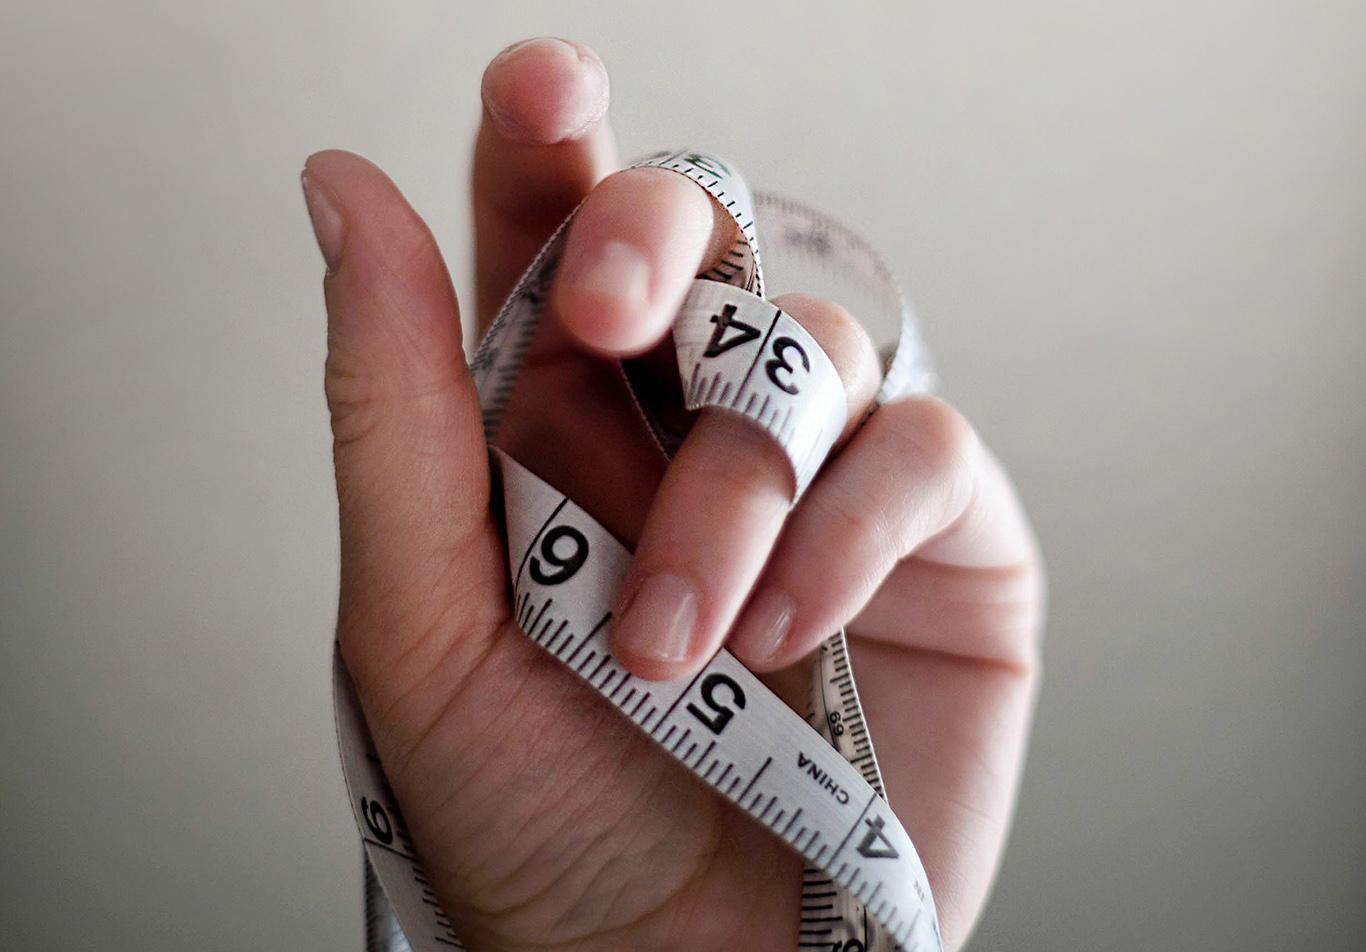 Dietistpodden tillbaka –besvarar era frågor!